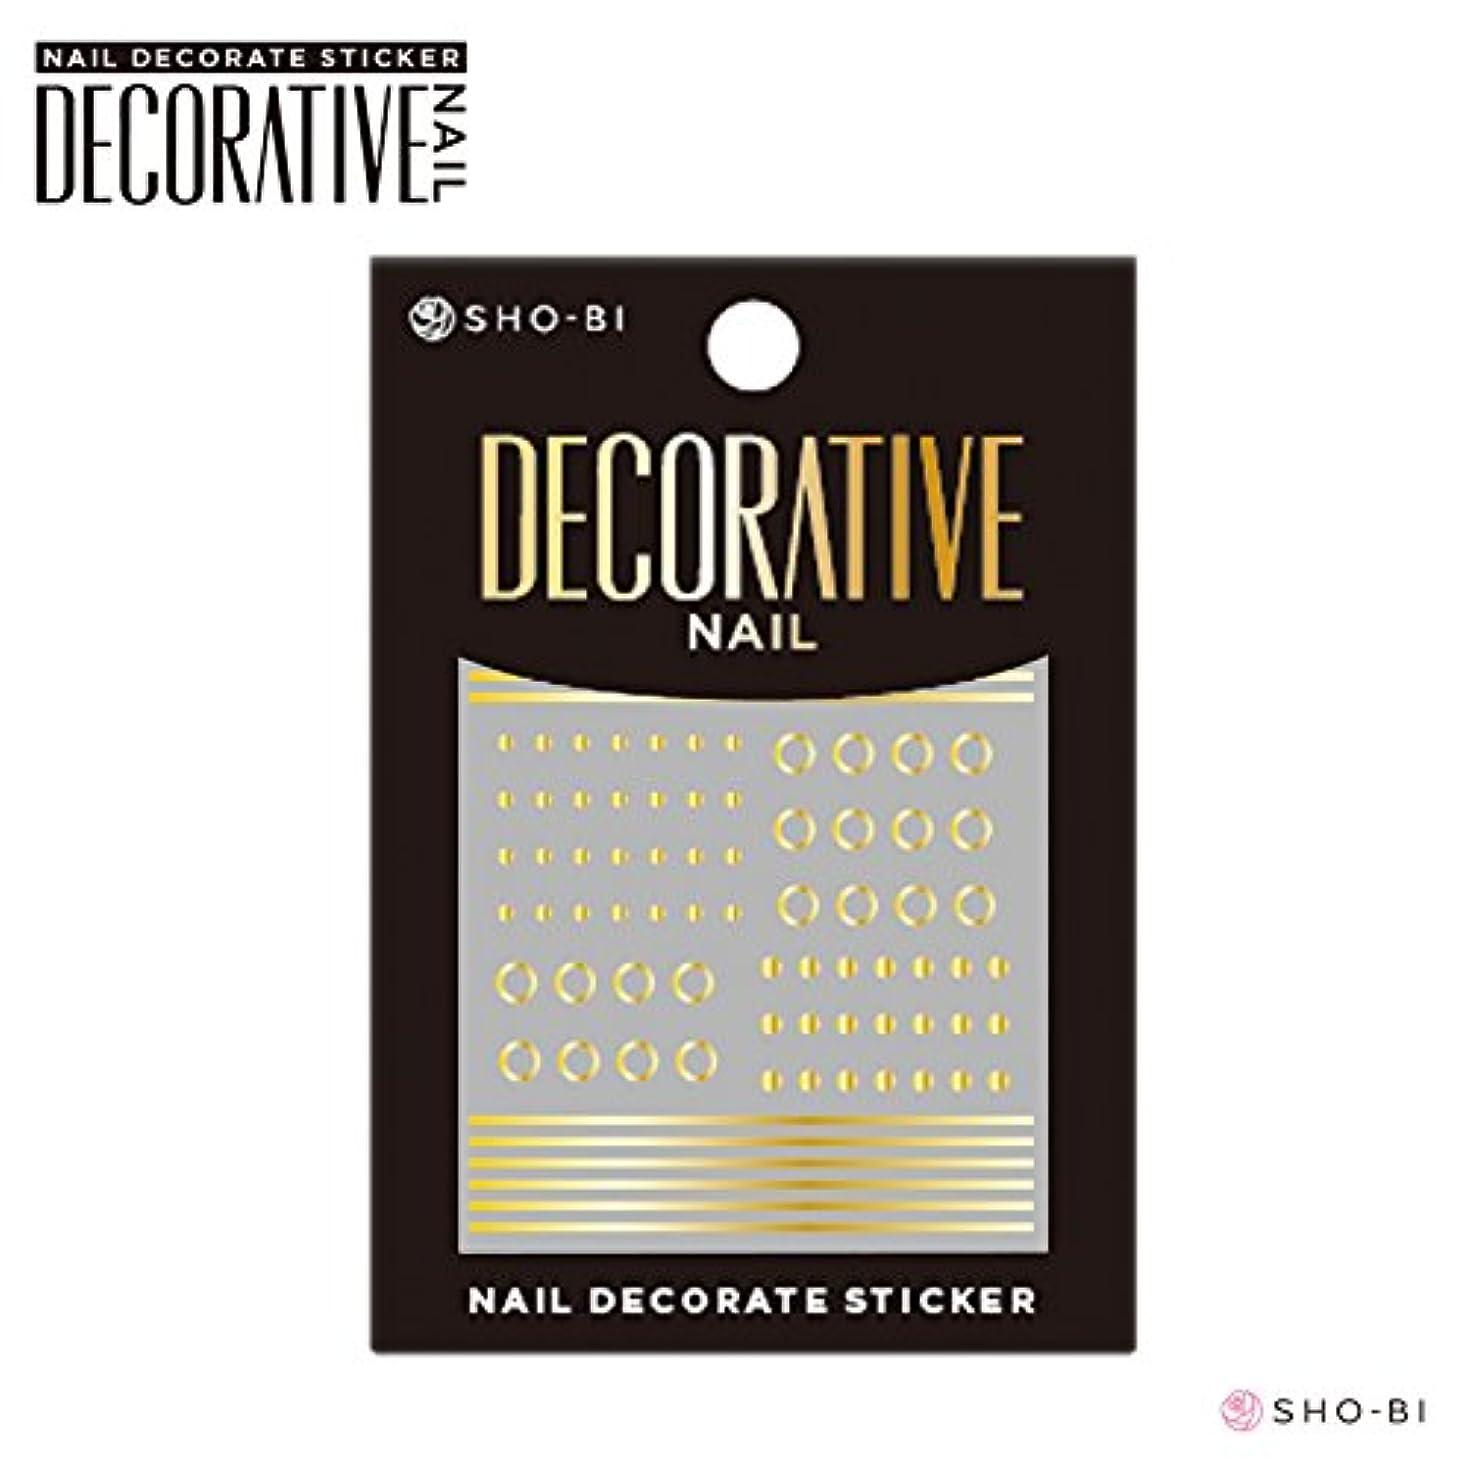 ウェイトレス間欠破壊Decorative Nail デコラティブネイル9